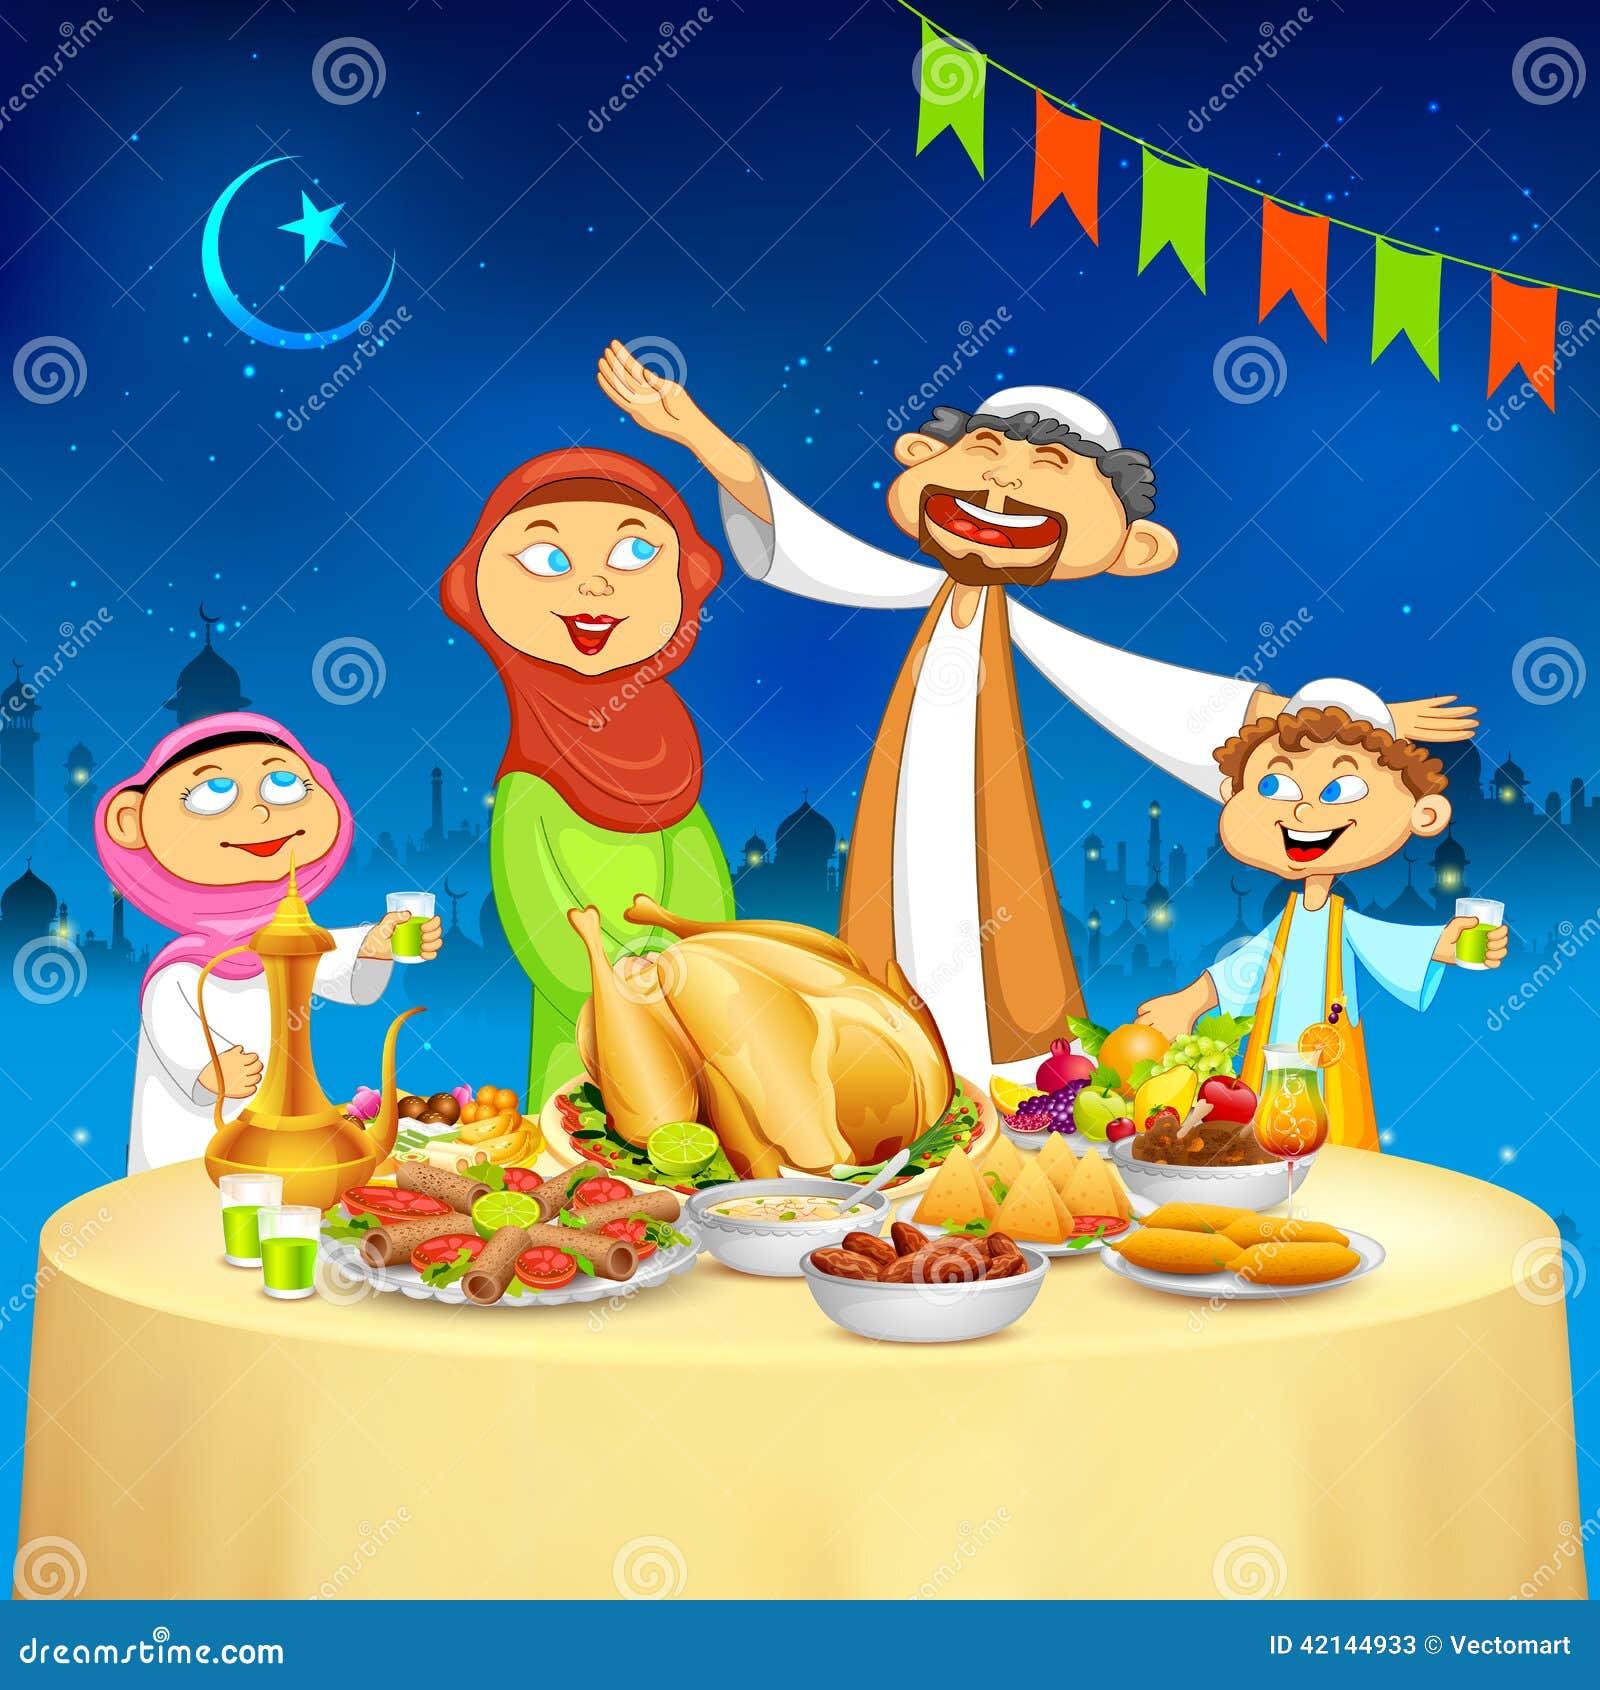 Iftar Stock Illustrations – 2,597 Iftar Stock Illustrations, Vectors ... for Ramadan Iftar Clipart  177nar